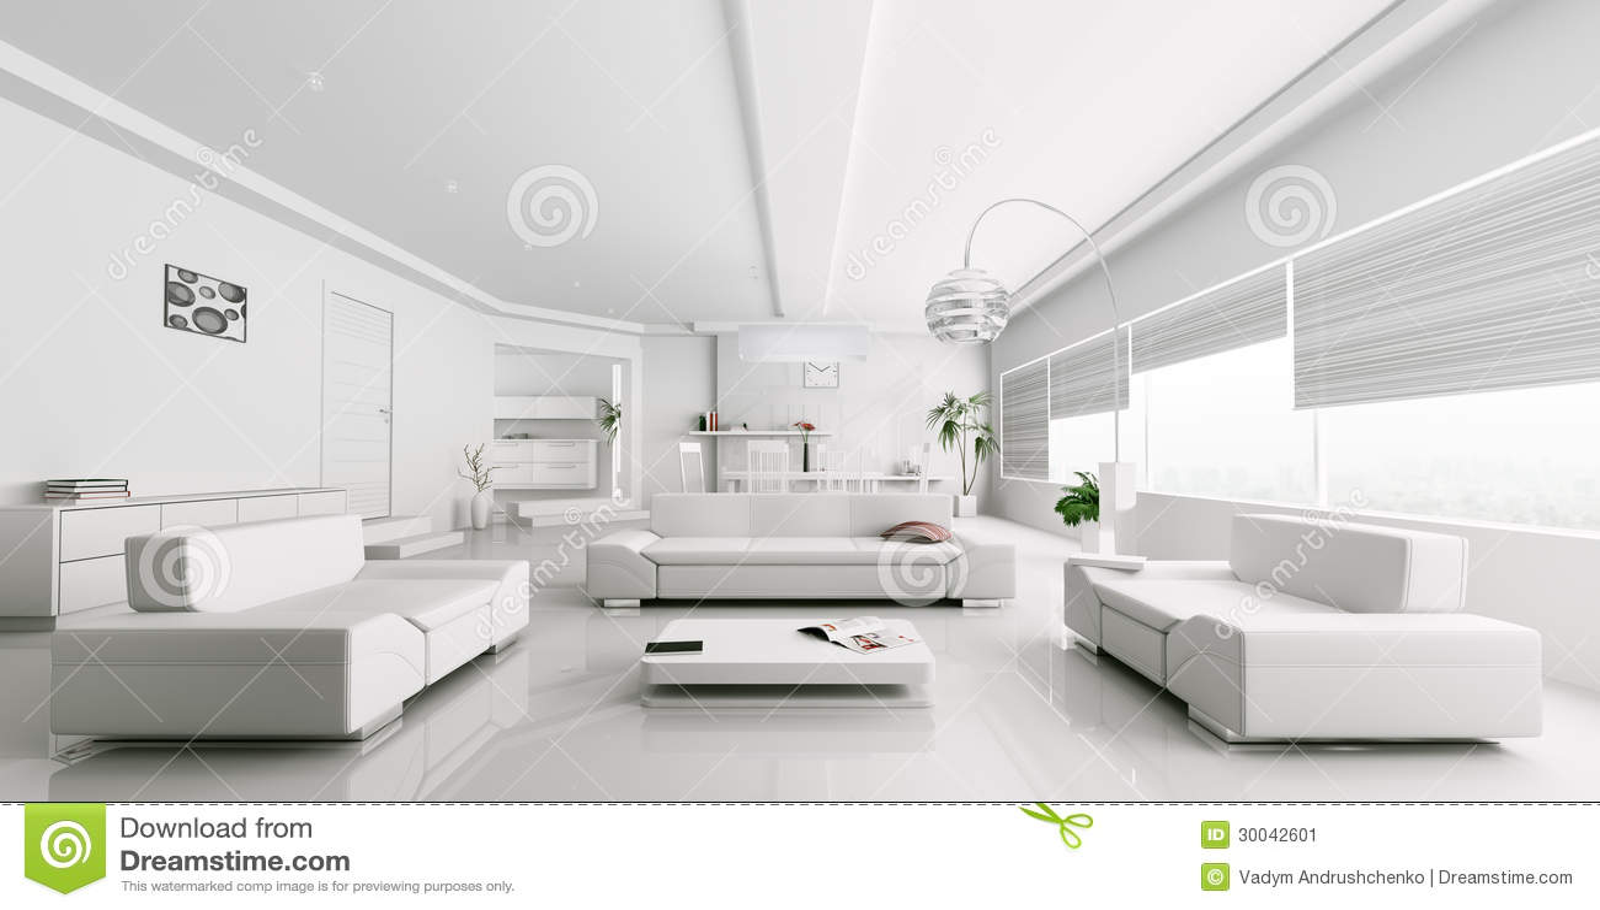 Interior of modern white living room rendering stock image for Modern living room white